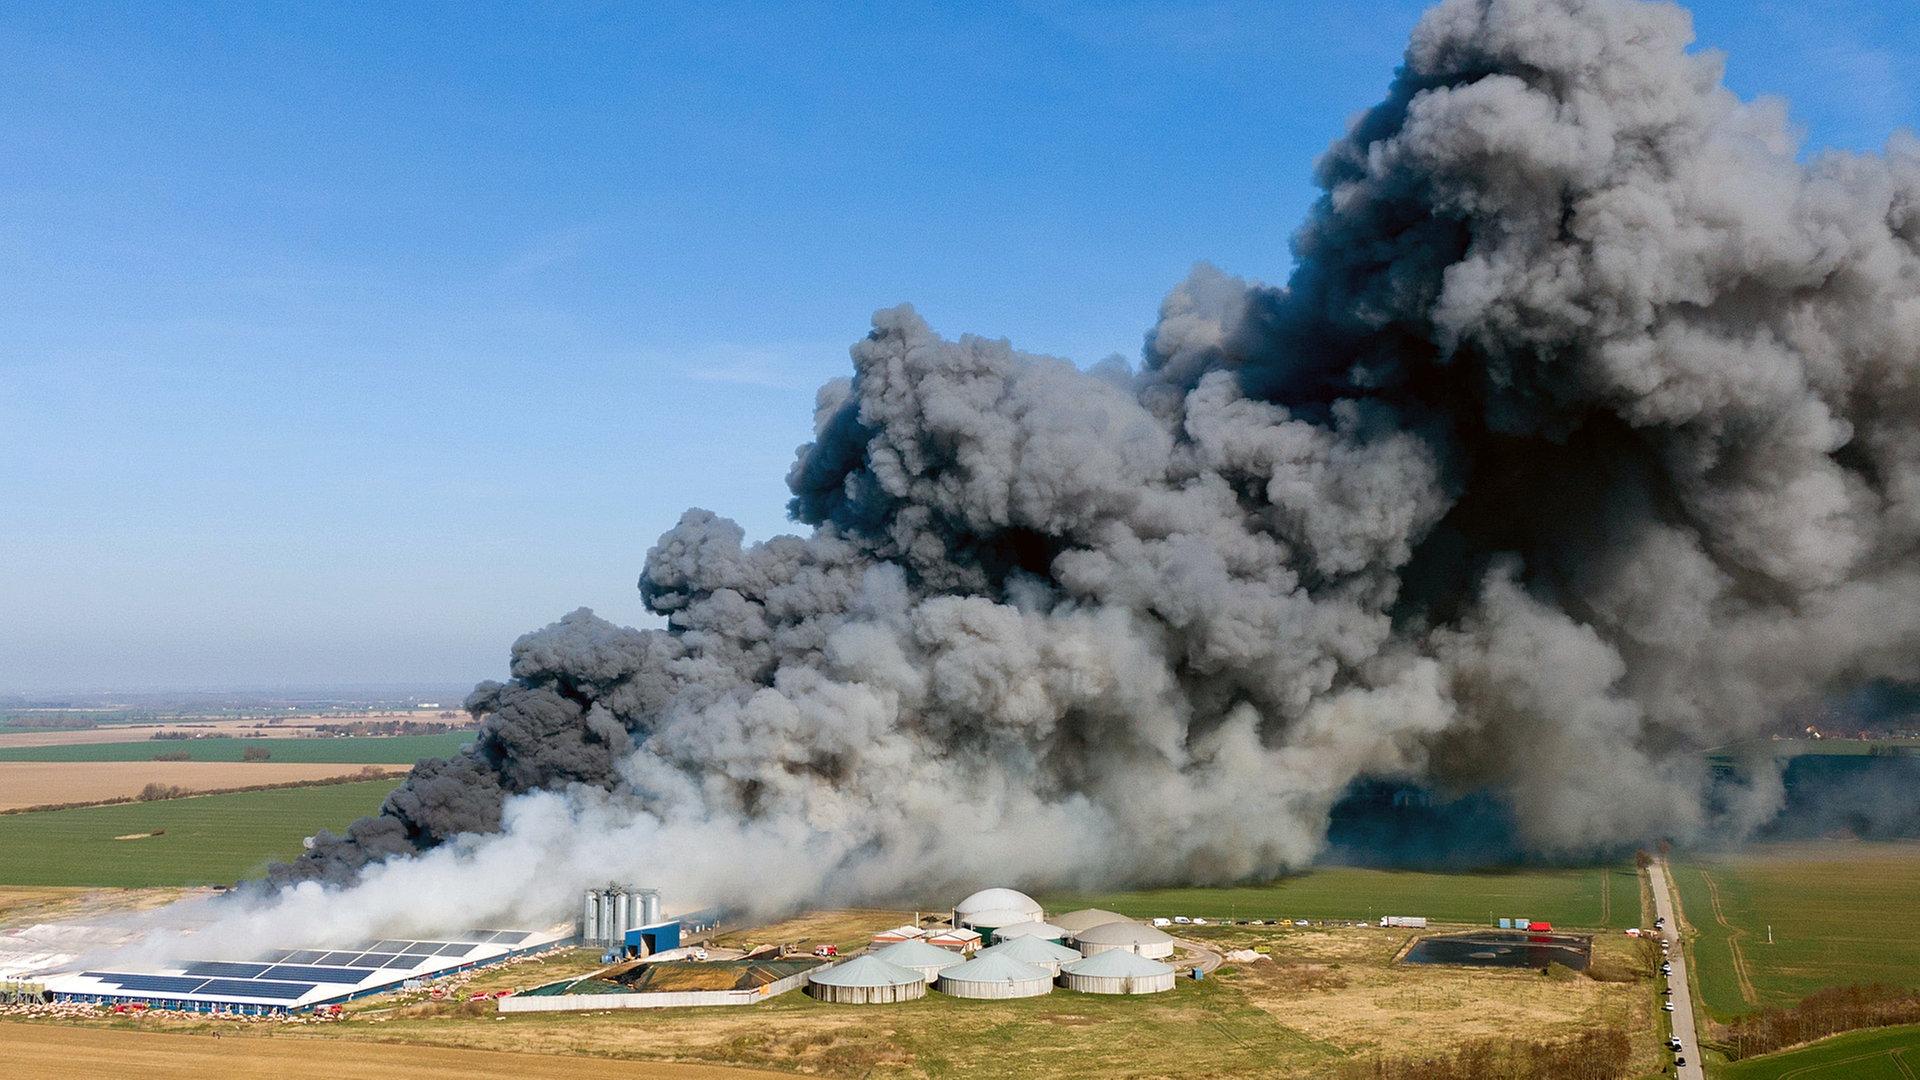 Schweine-Elend. 50.000 Tiere verbrannt!!!